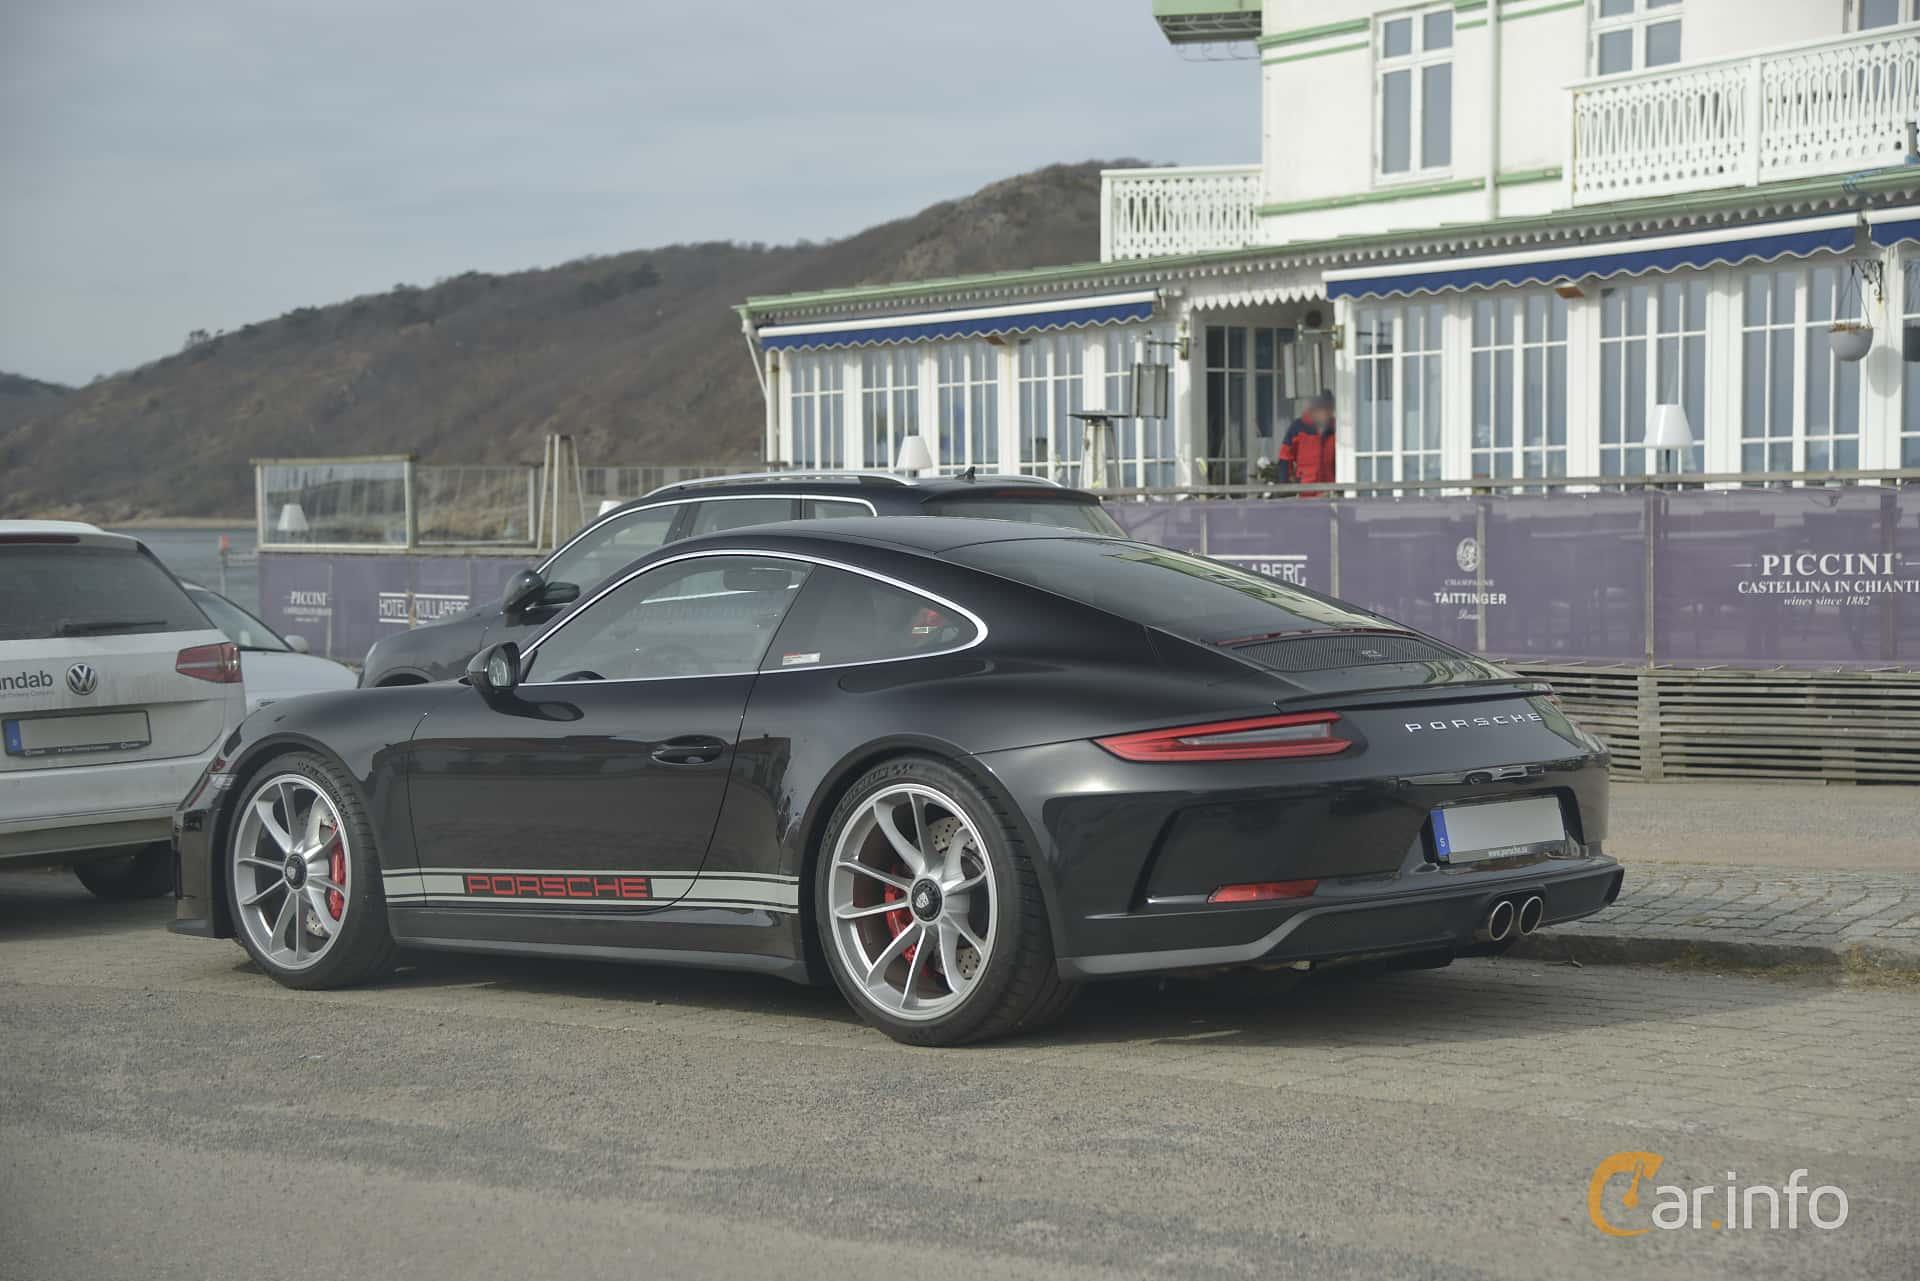 Porsche 911 GT3 4.0 H6 Manual, 500hp, 2018